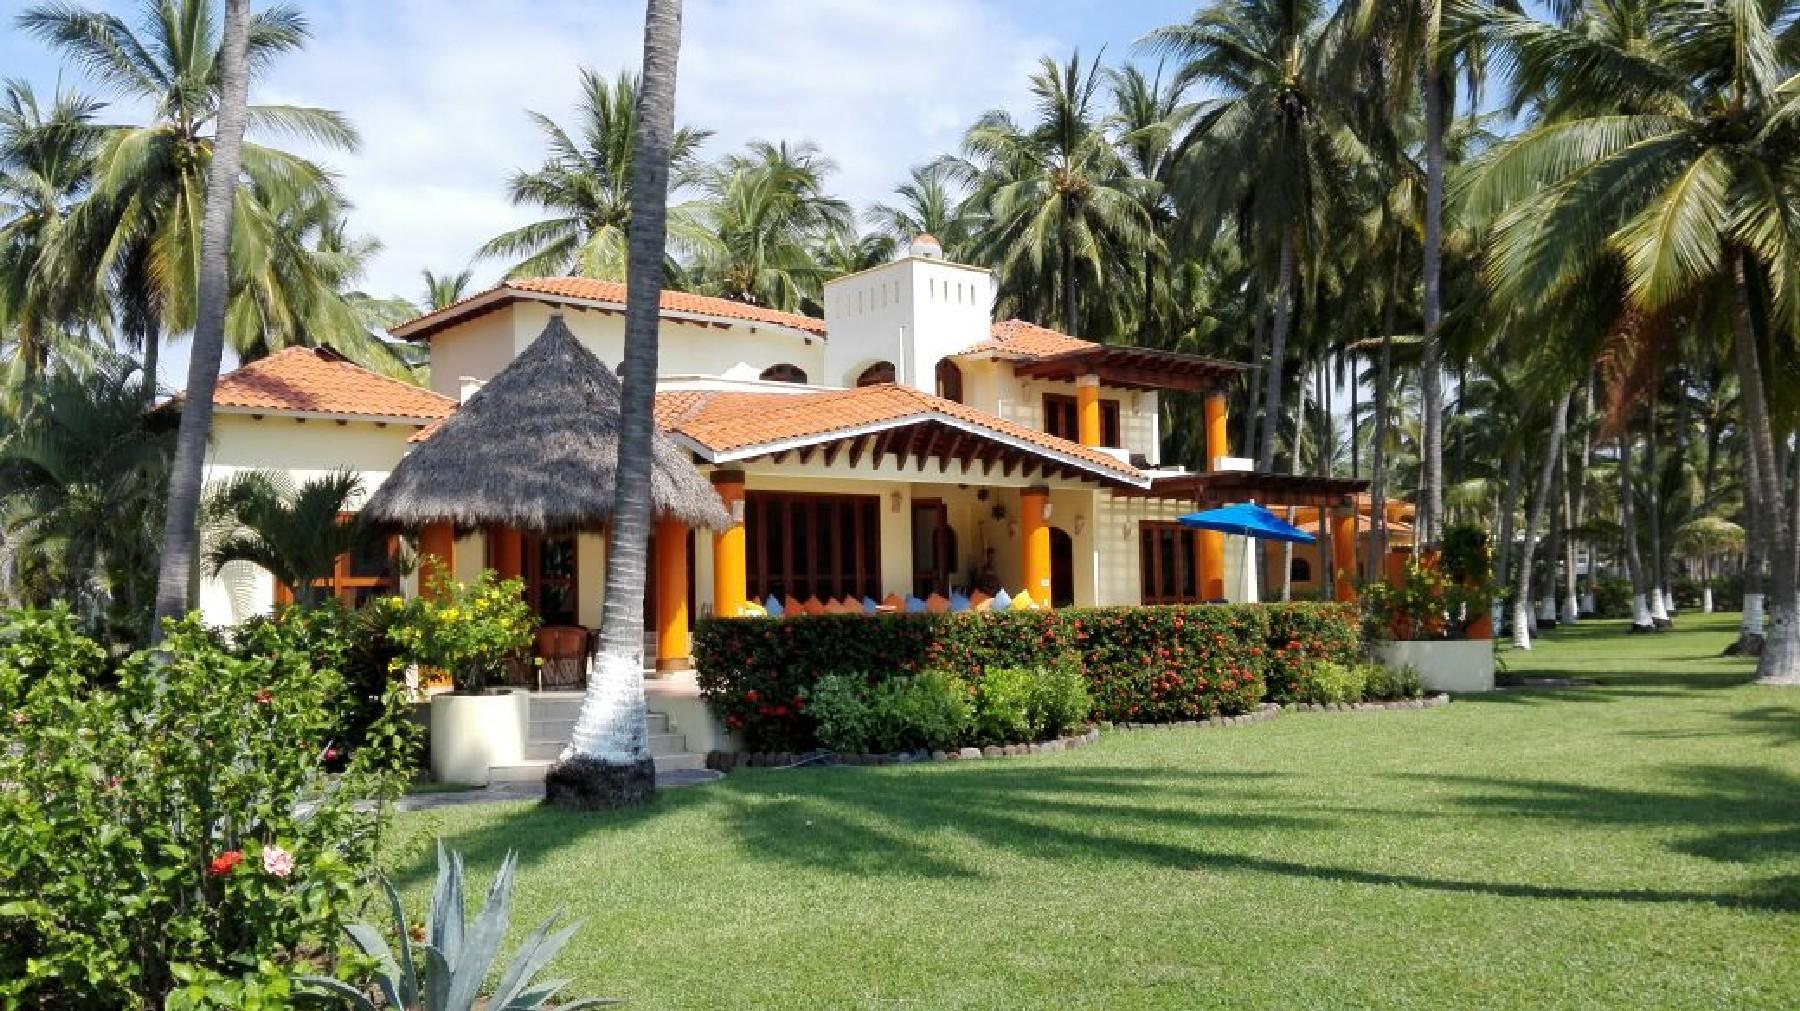 Property Of Vacation rental, Villa Tortuga, Riviera Nayarit